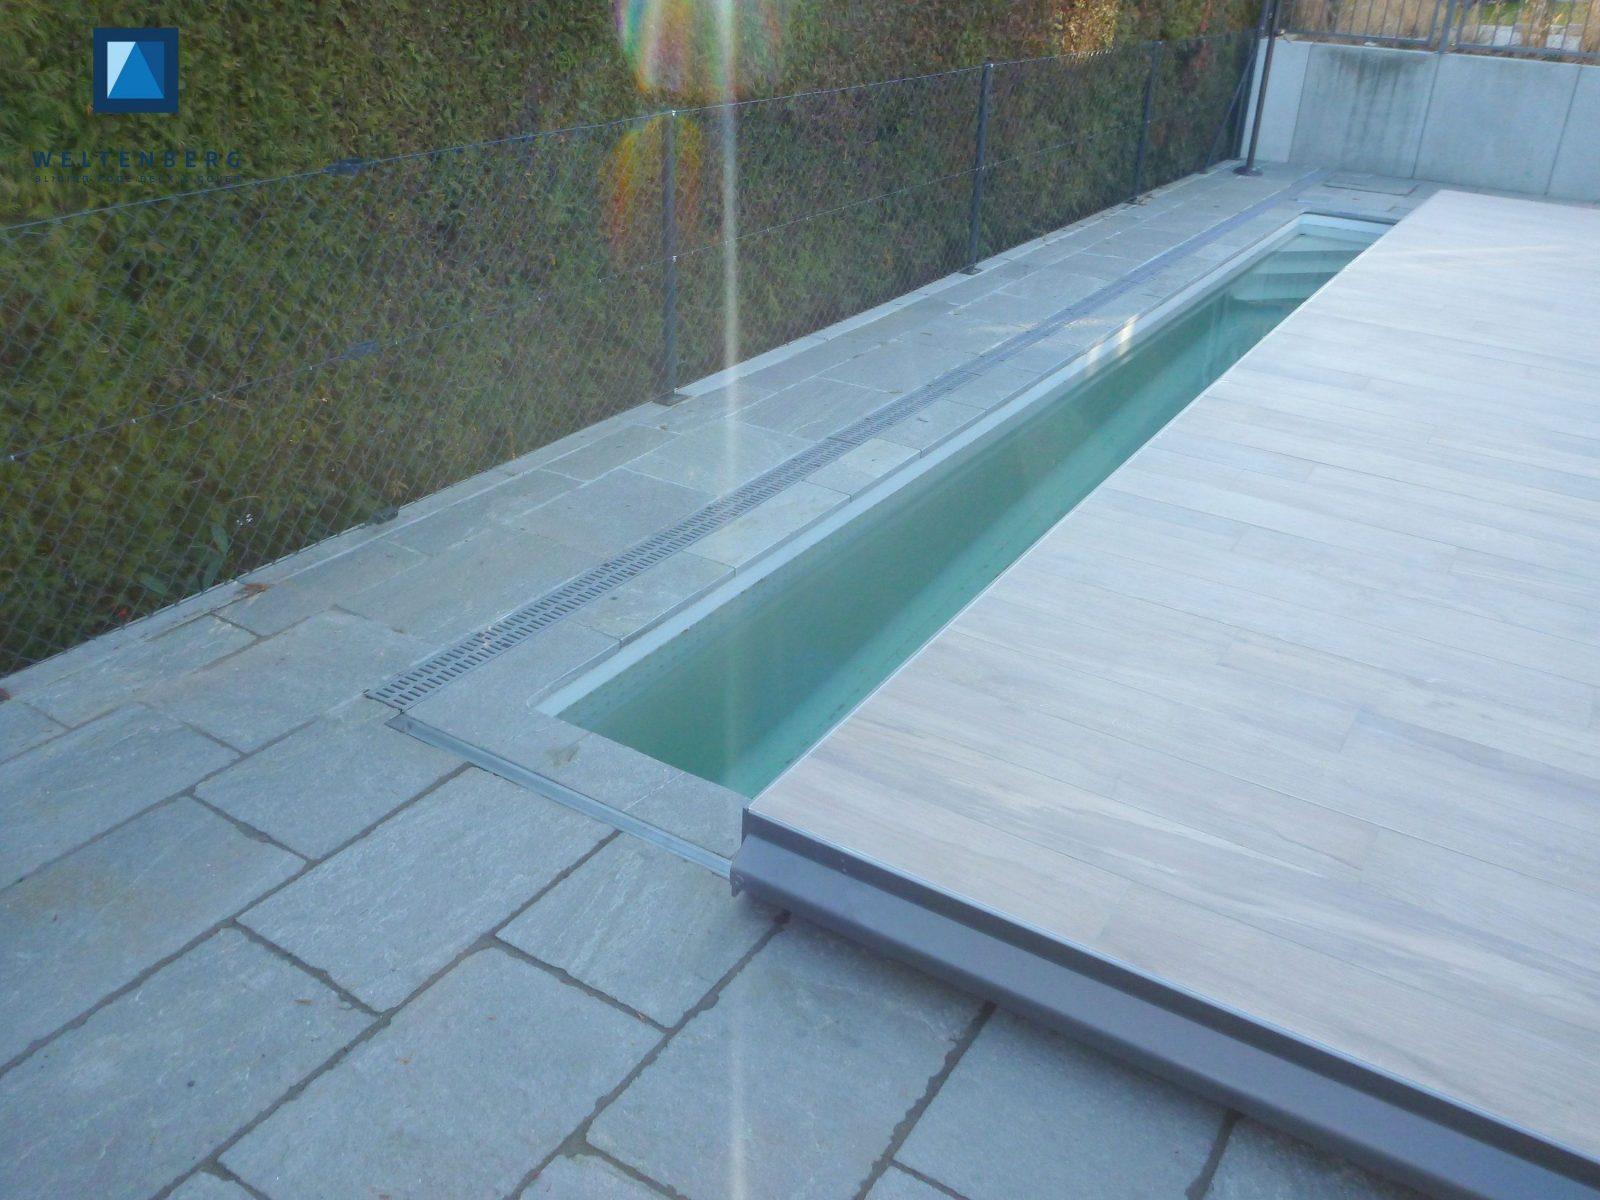 Pooldeck Terrasse Pool Pinterest Con Pool Mit Überlaufrinne Selber von Pool Deck Selber Bauen Bild